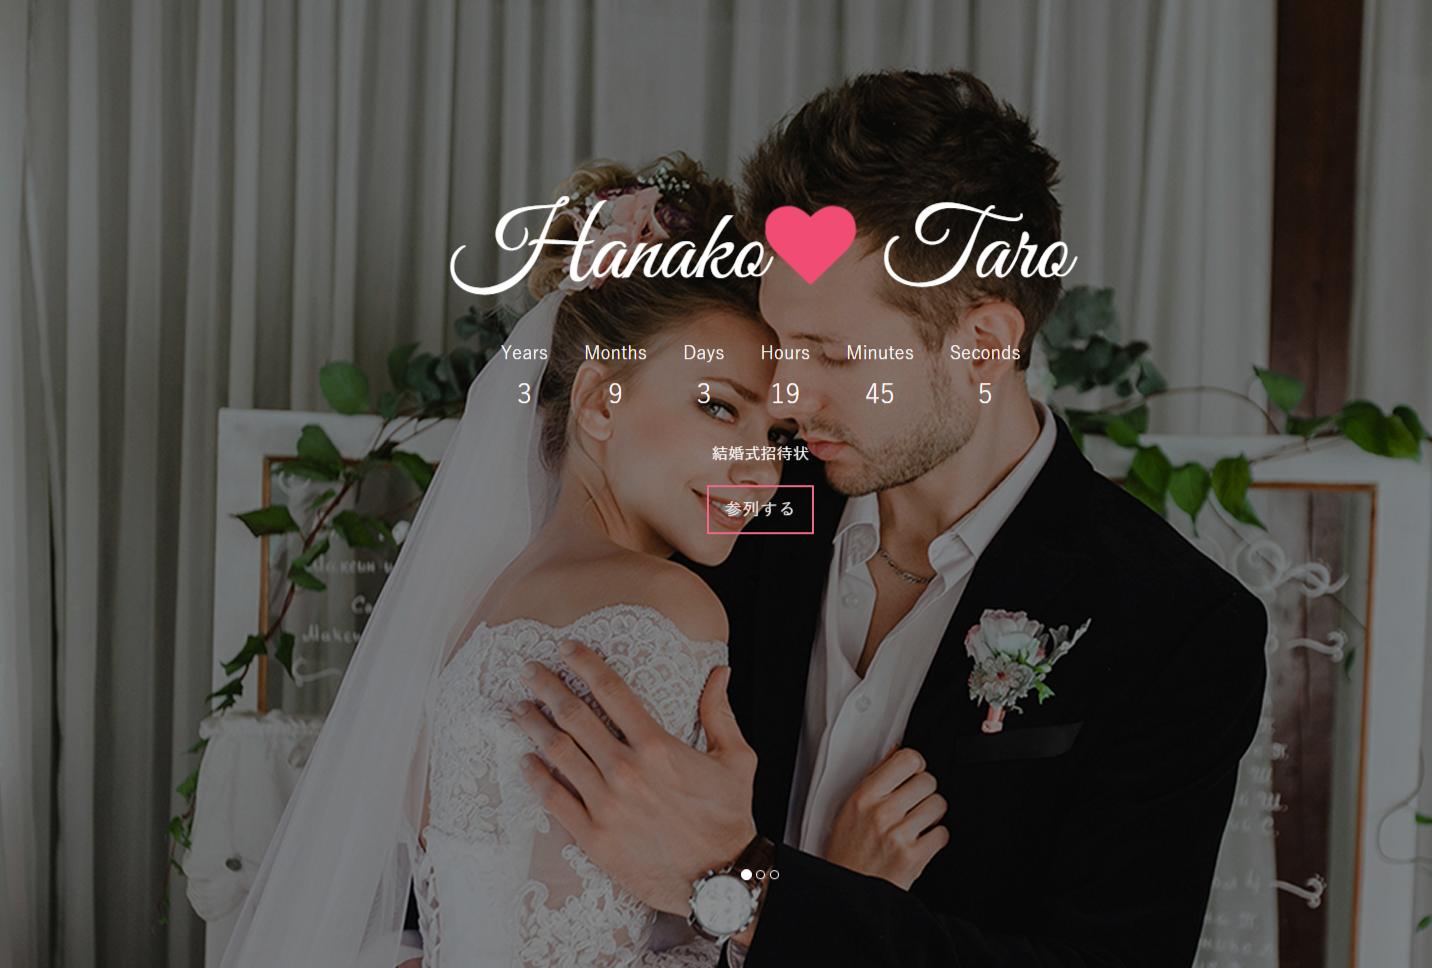 結婚準備中のカップルを支援するオシャレなウェブサービス【WEDDING STORY】をリリース